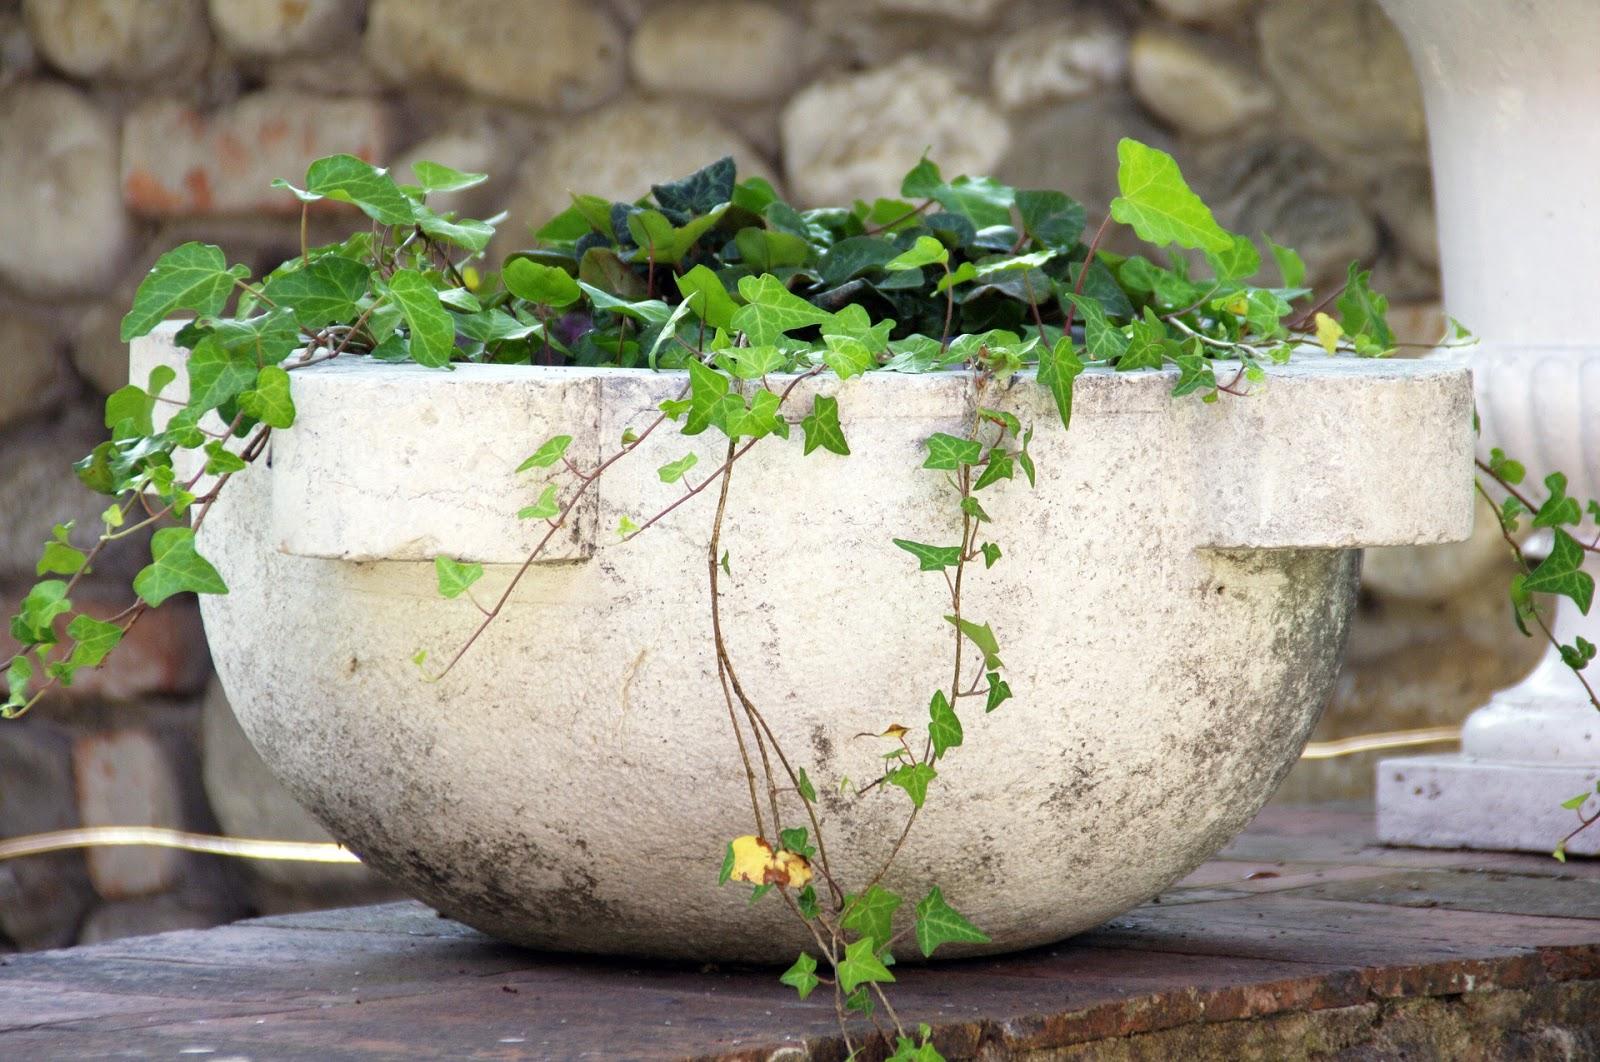 Wybierz Rośliny Idealne Do Każdej łazienki Nawet Ciemnej